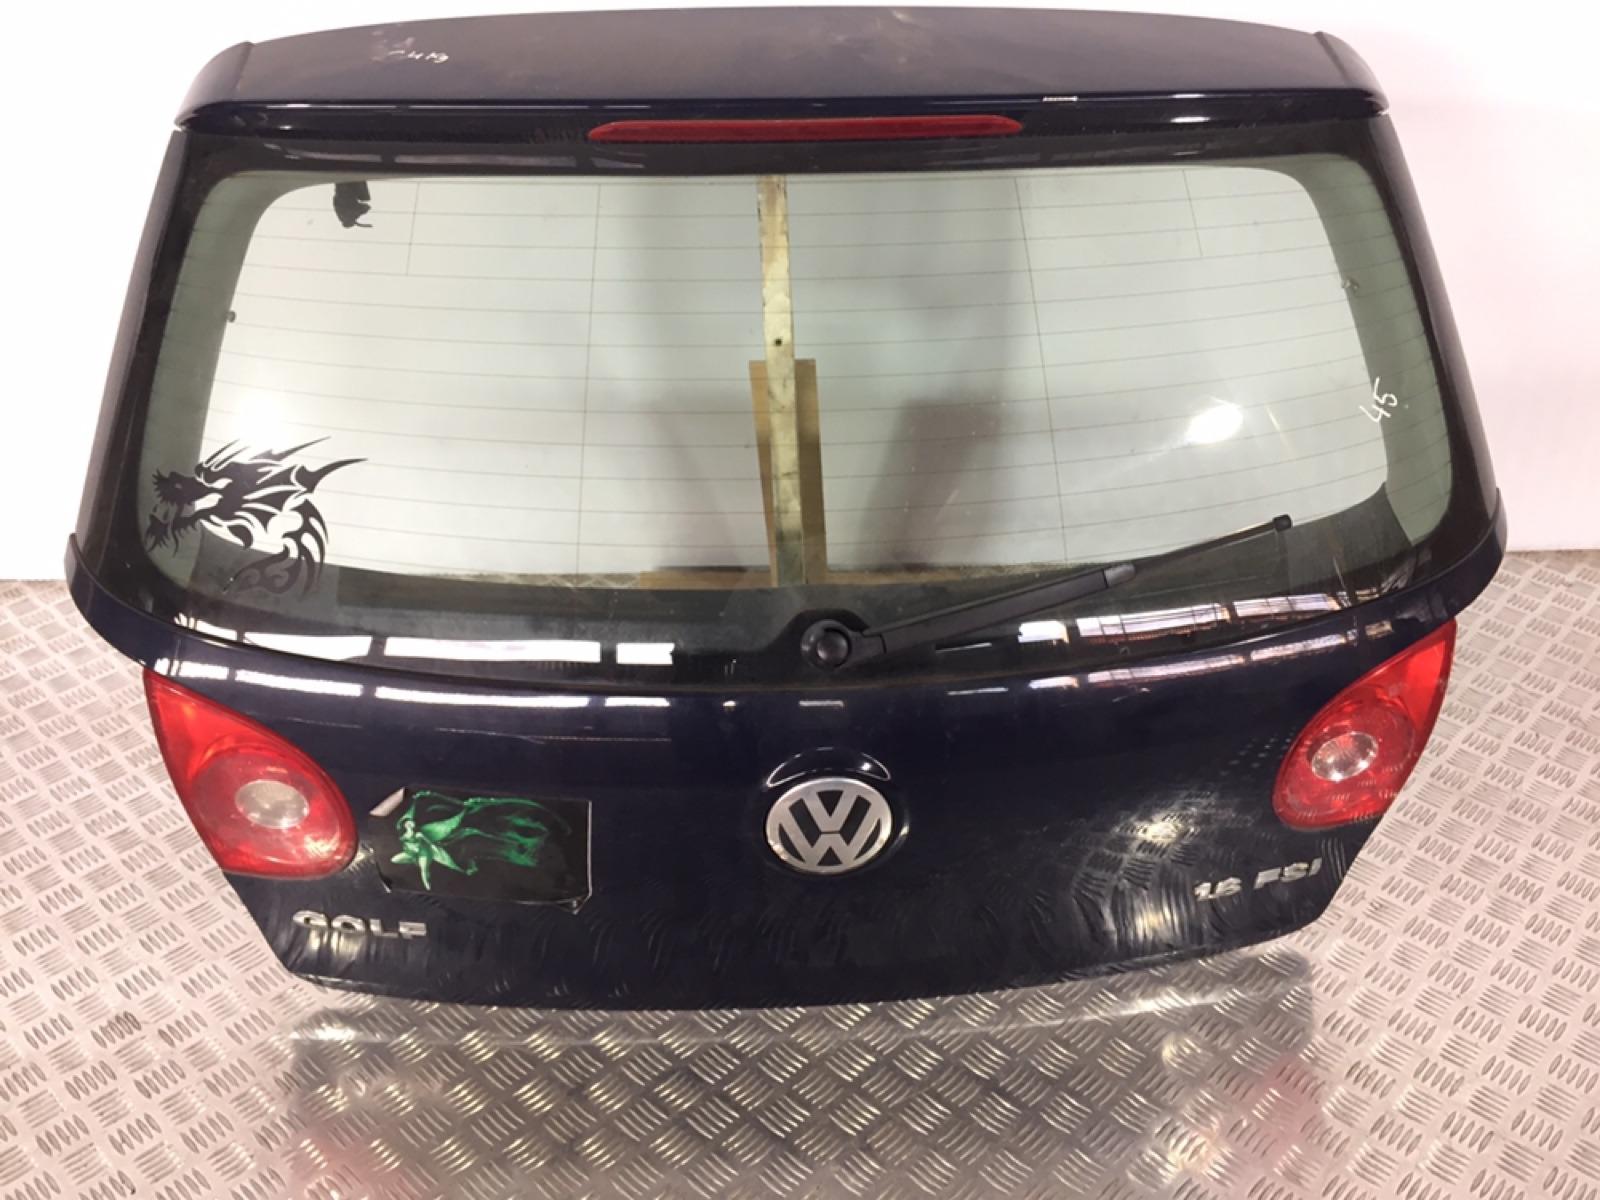 Моторчик заднего стеклоочистителя (дворника) Volkswagen Golf 5 1.6 FSI 2005 (б/у)